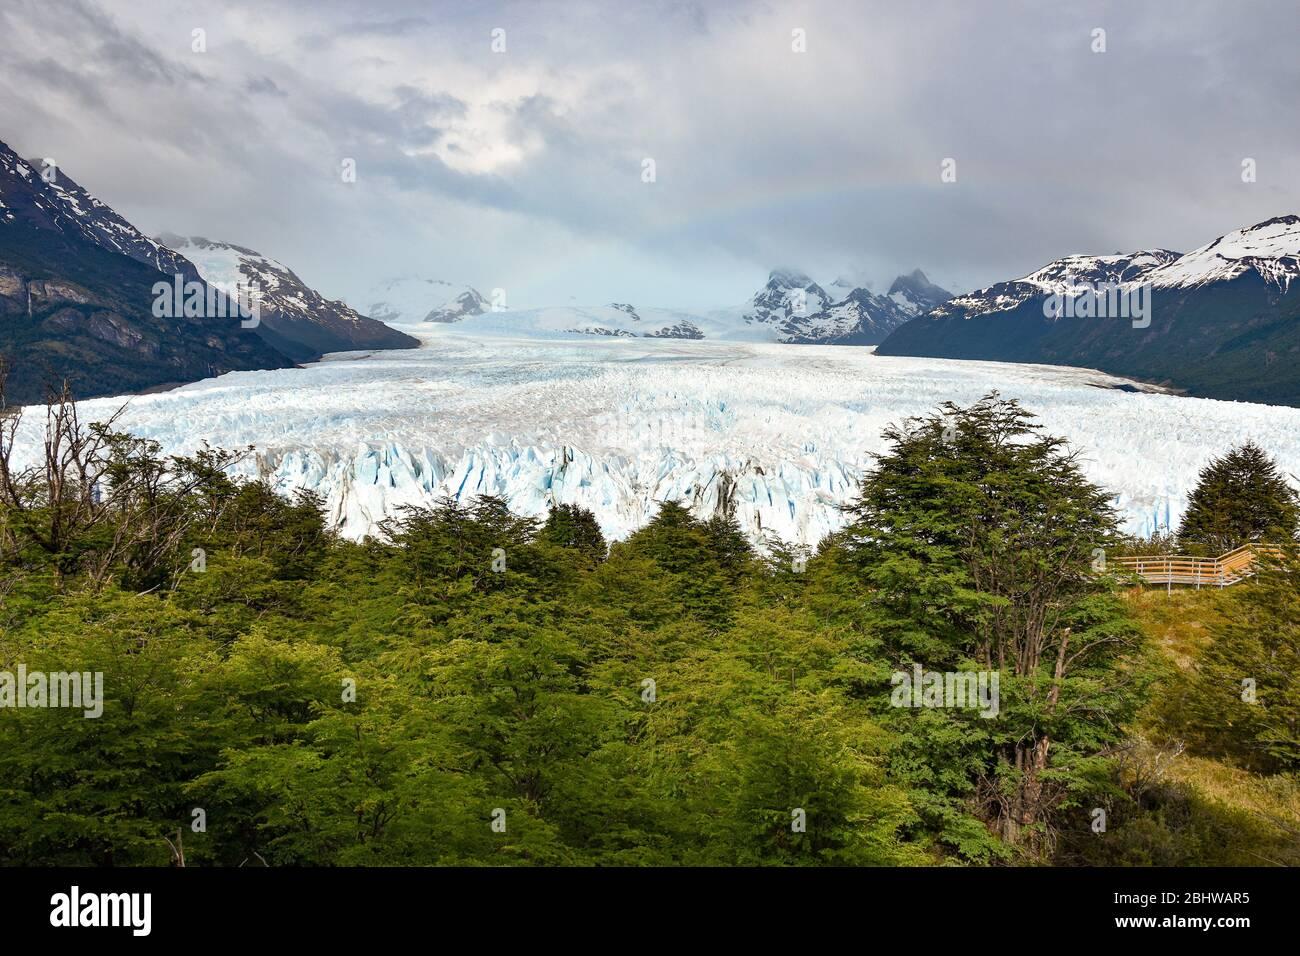 Landschaft mit Perito Moreno Gletscher, andengebirge, Wald und Regenbogen, Patagonien, Argentinien Stockfoto